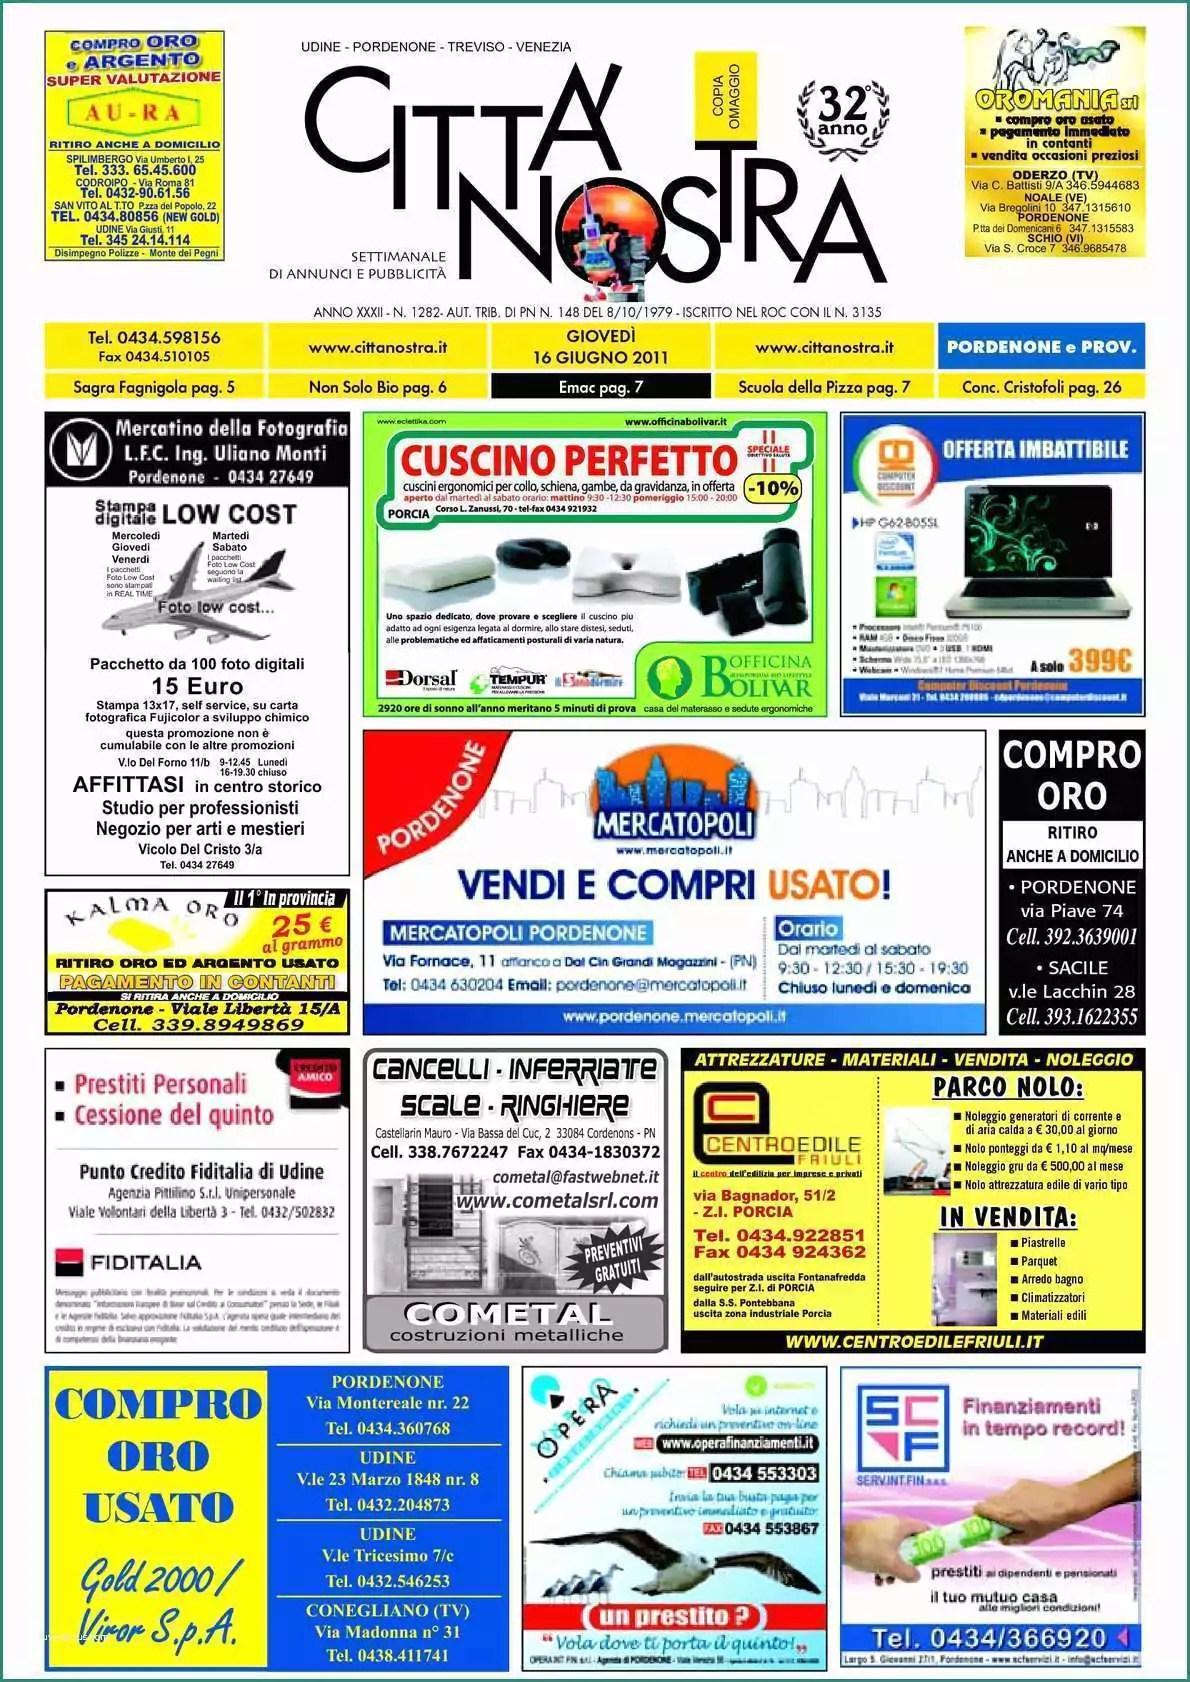 Soggiorno Laura Mondo Convenienza E Qb by Antonio Carlucci issuu  Punchbuggylife